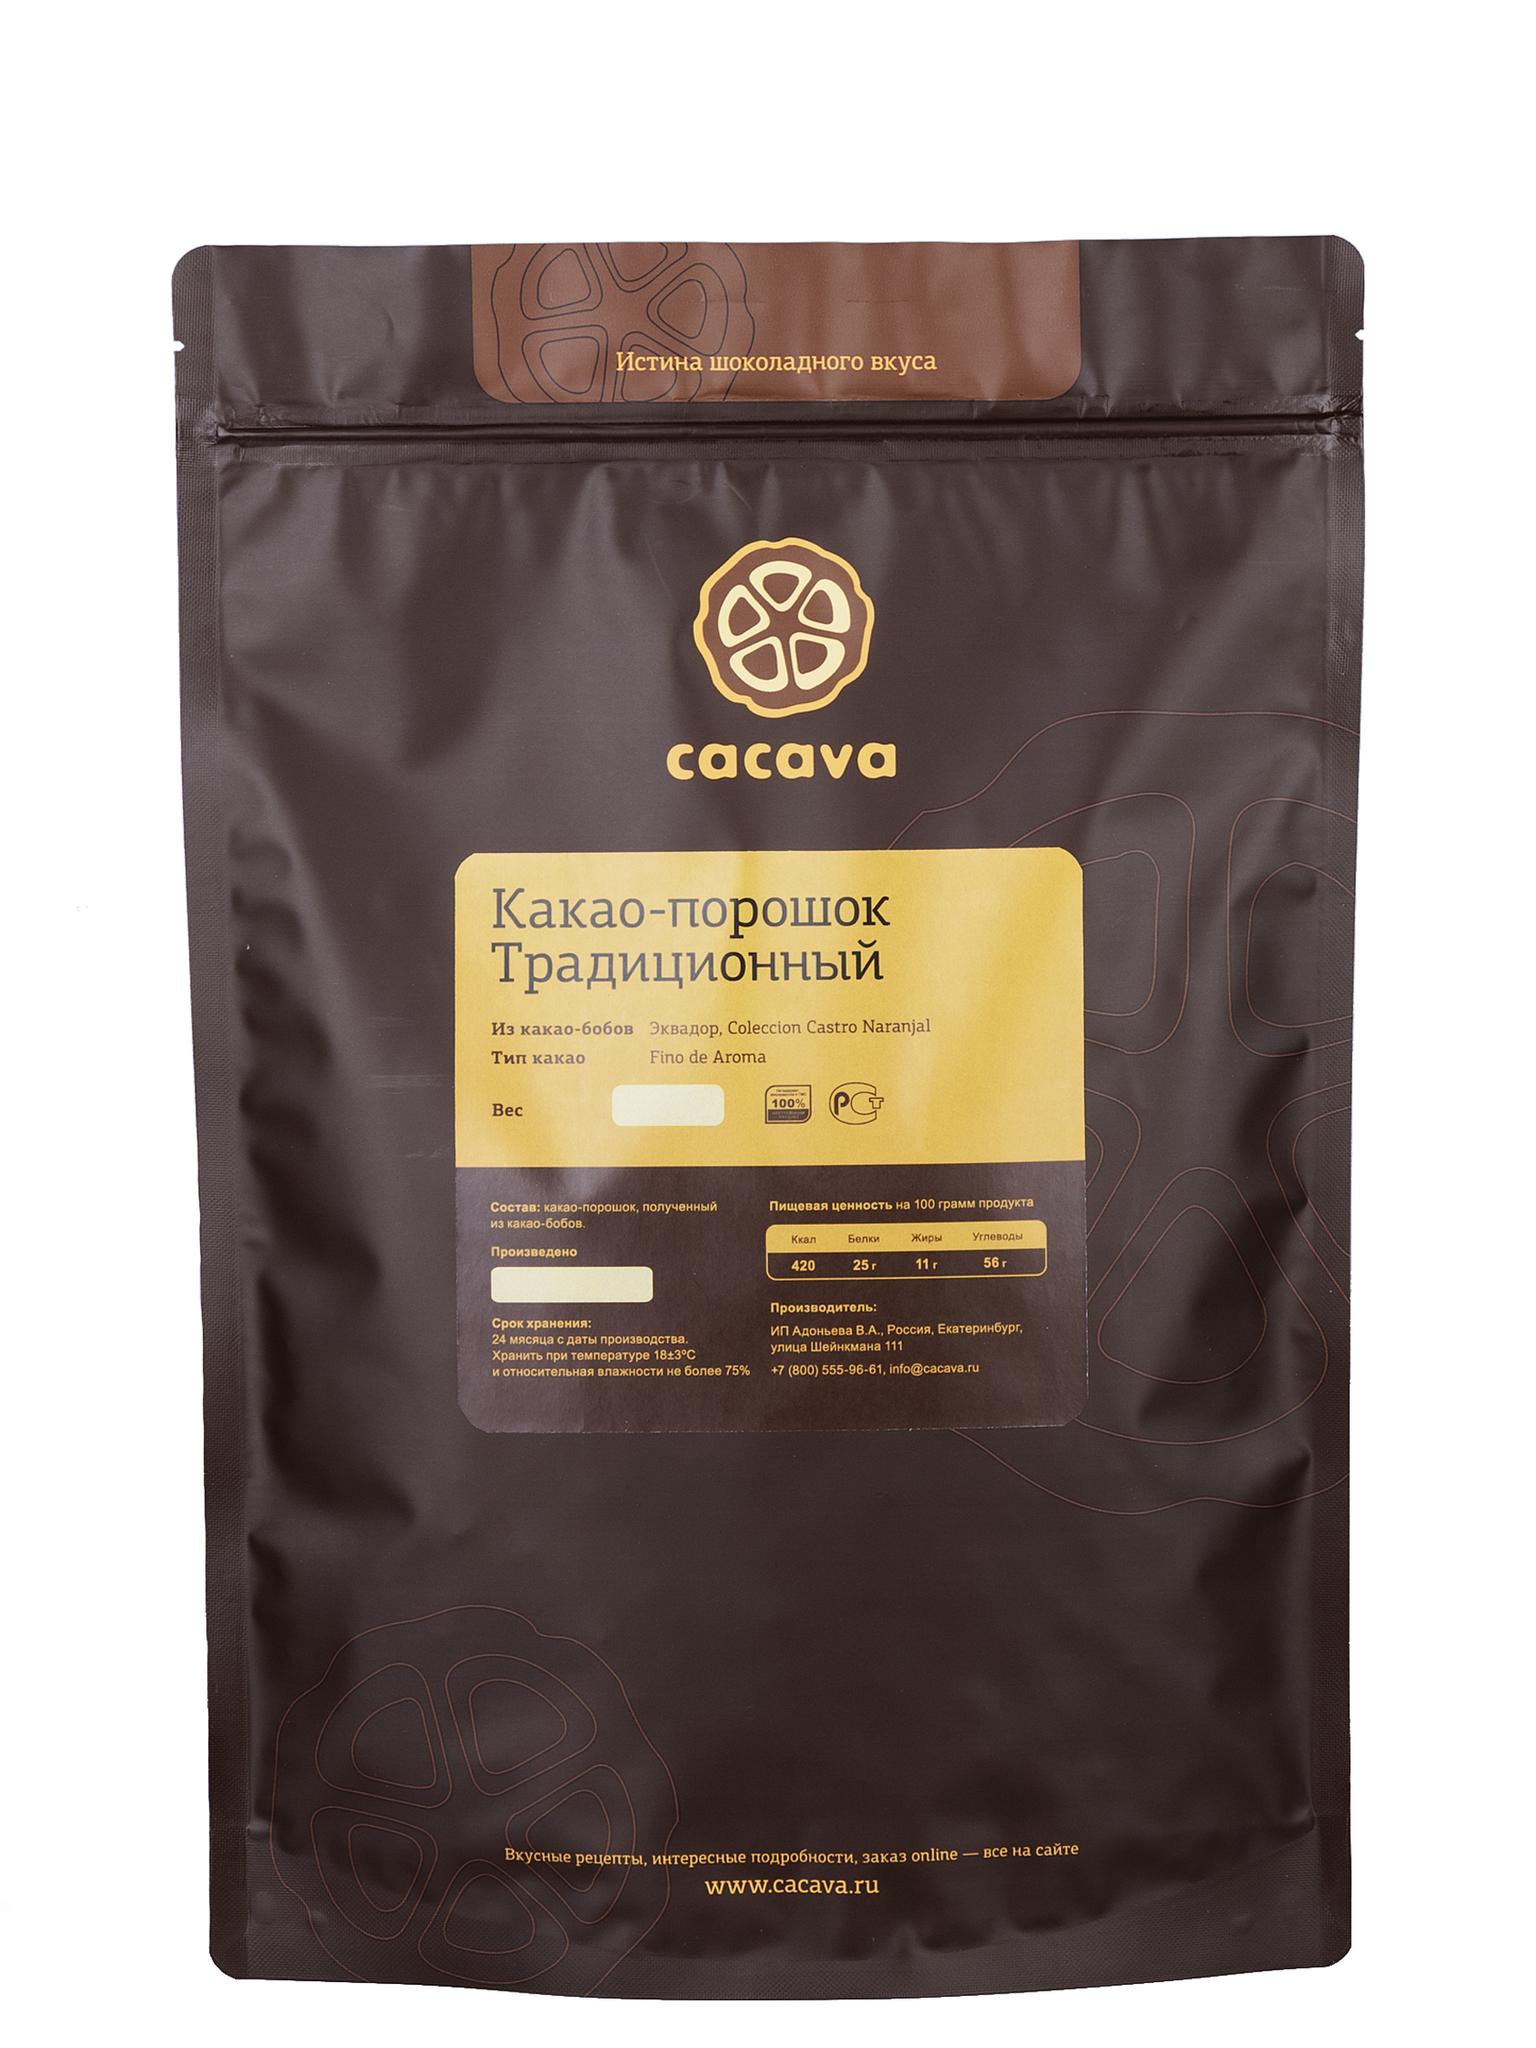 Какао-порошок Традиционный (Эквадор), упаковка 1 и 3 кг